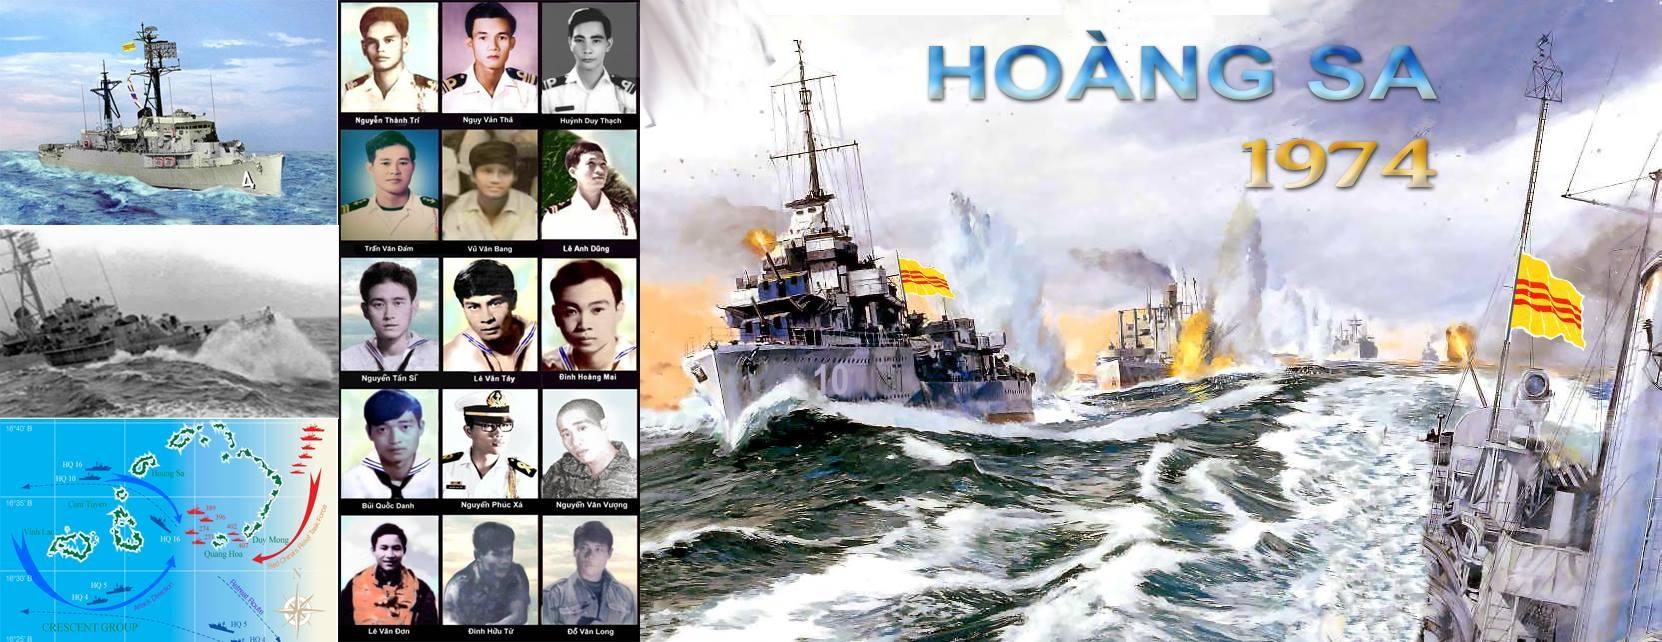 Những Dòng Chữ Viết Vội Sau Khi Đọc Bài Dịch về Trận Hải Chiến Hoàng Sa, 19-01-1974, của Bill Hayton